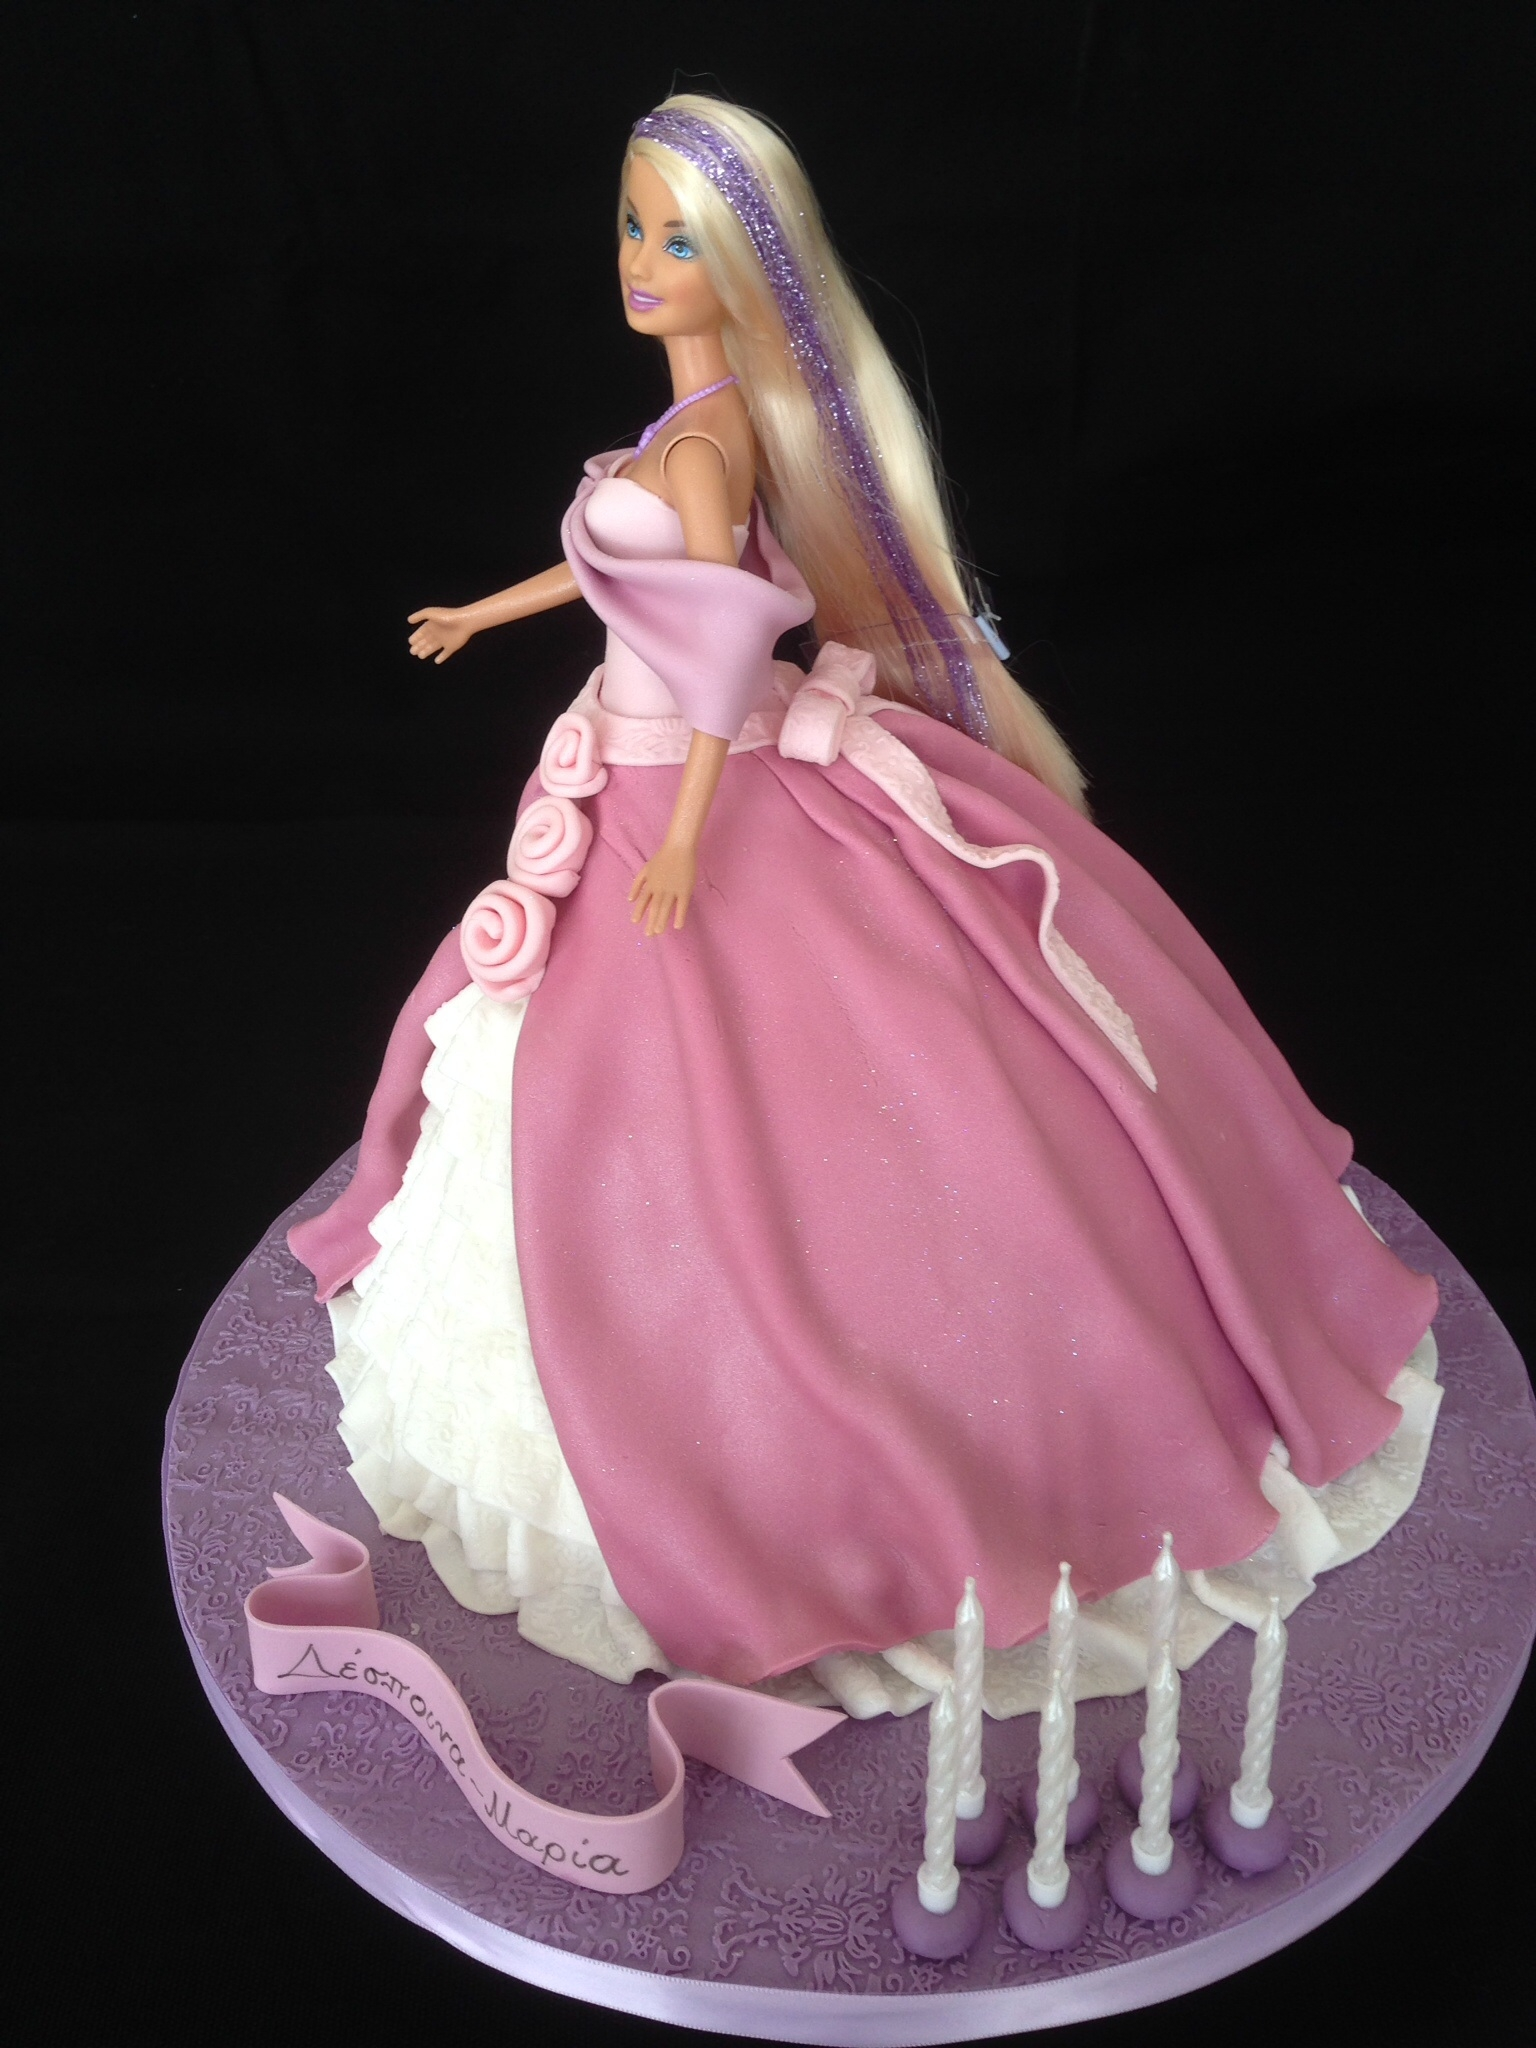 Barbie Pink Princess Cake Cakecentral Com